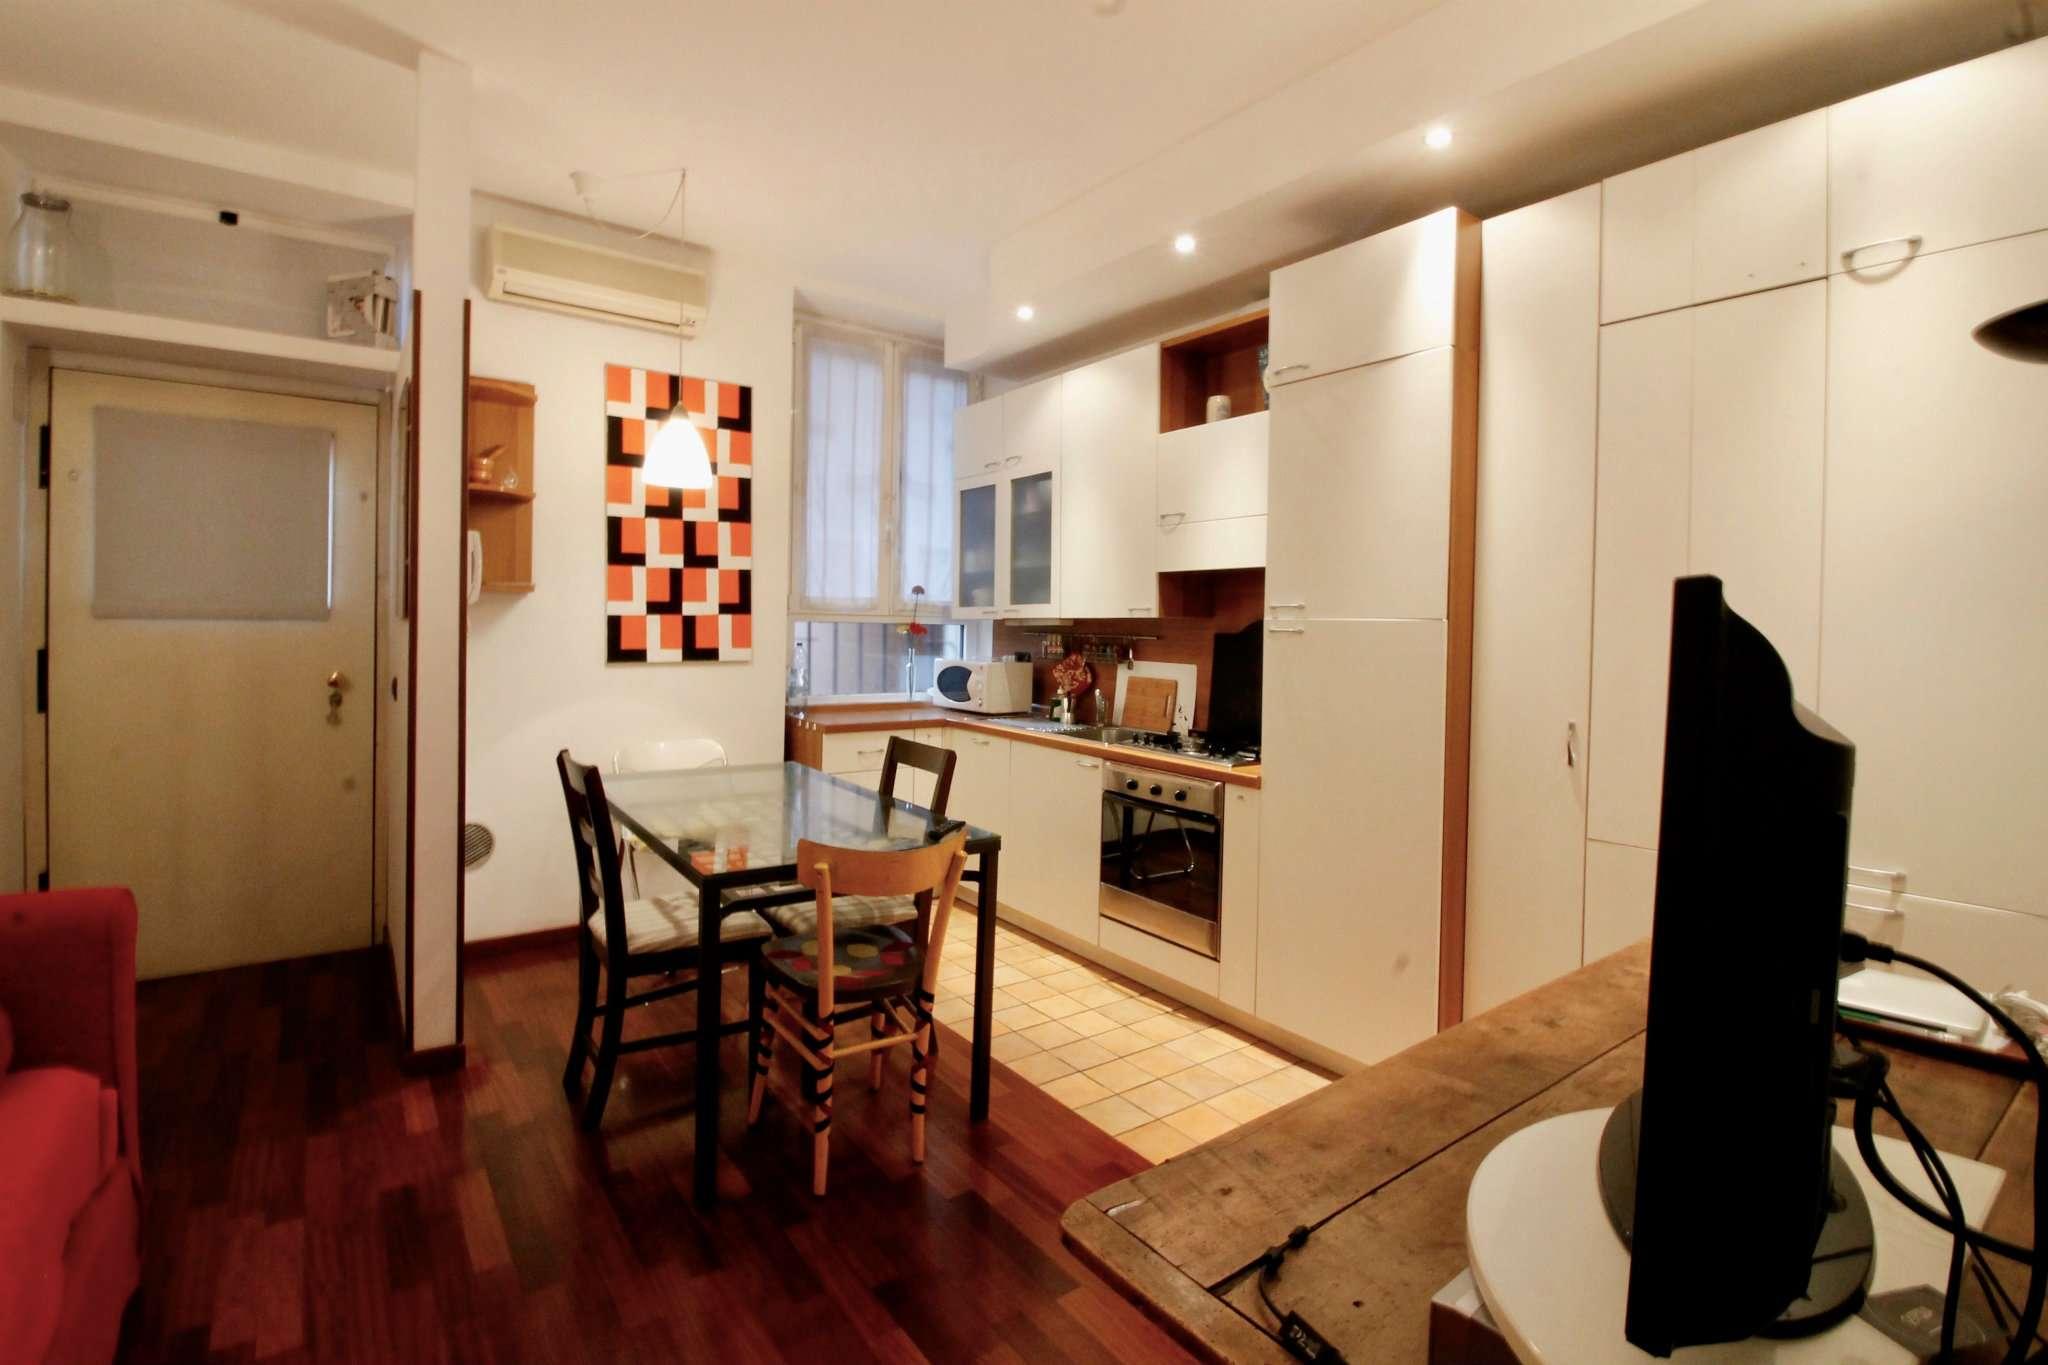 Appartamento in Vendita a Milano 02 Brera / Volta / Repubblica: 2 locali, 50 mq